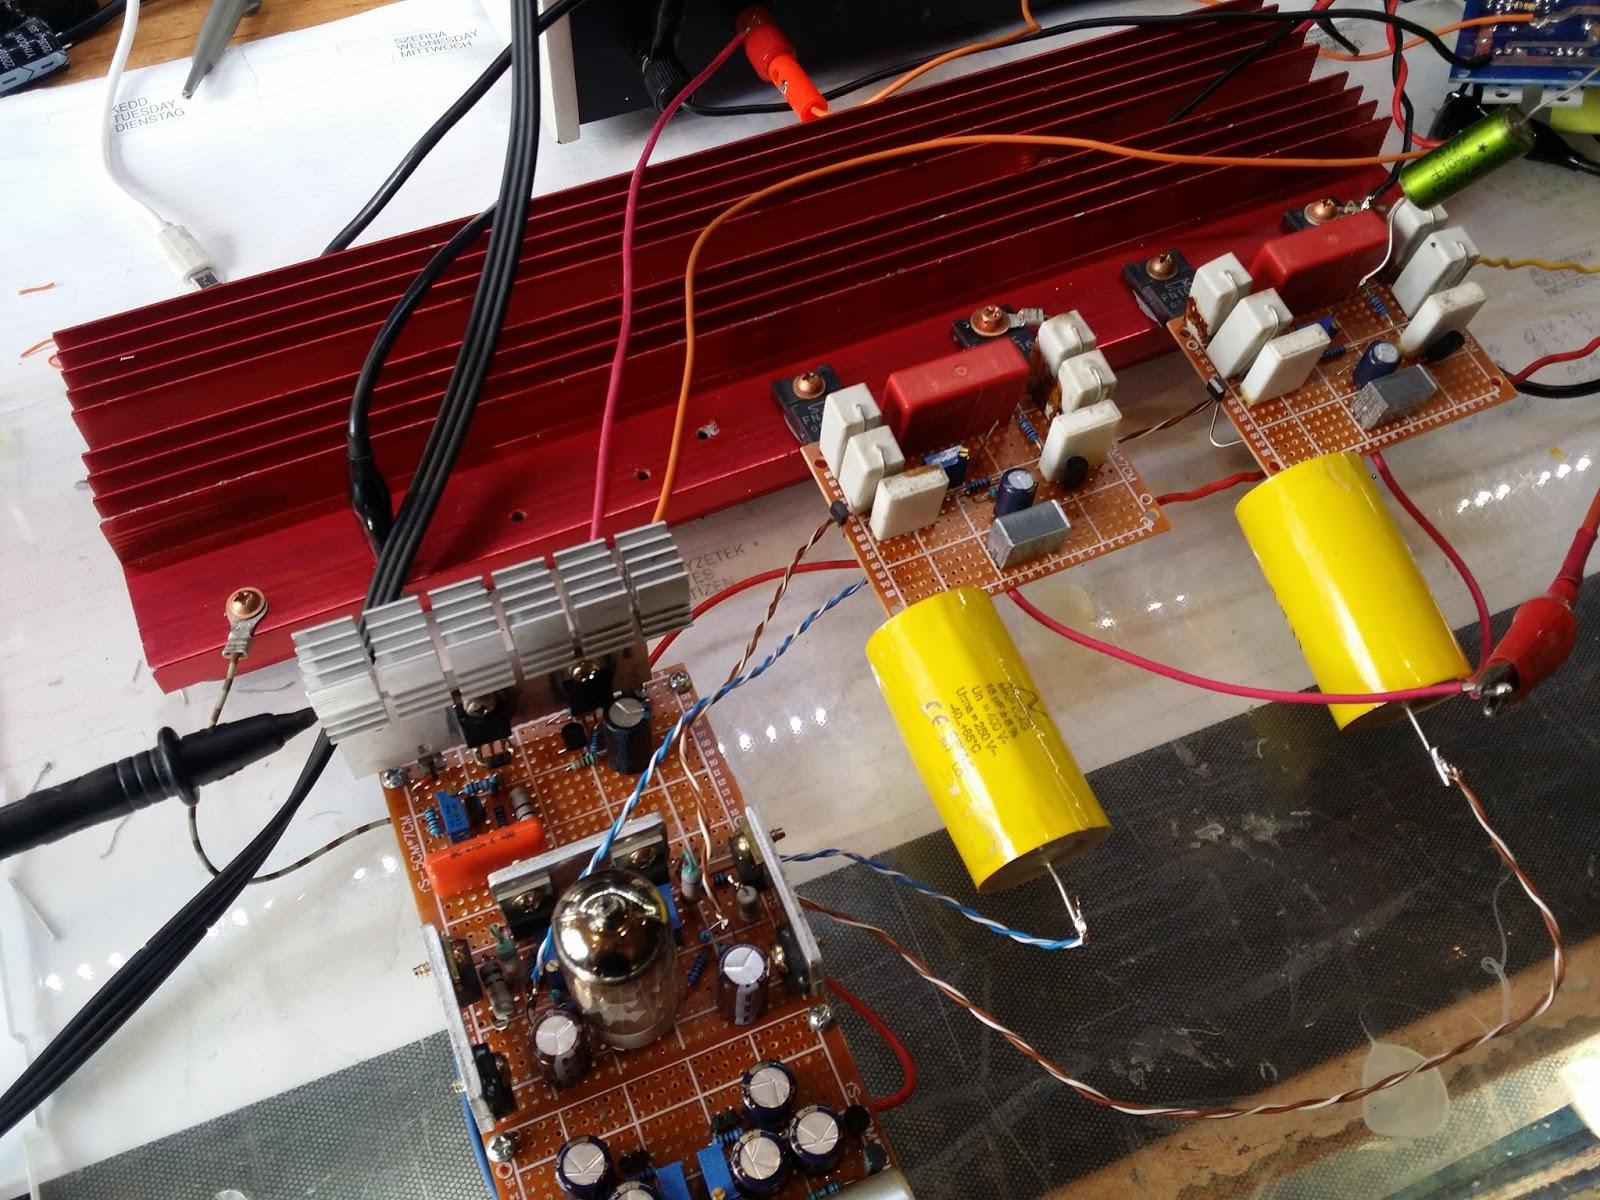 Tudstr Tervezznk Hibrid Erstt I Rsz A Osztly The Fu29 Pushpull Circuit Amplifiercircuit Diagram Elrelps Lenne Az Is Ha Vlasztani Lehetne Hogy Mekkora Terhel Impedancit Kapcsolunk R S Annak Fggvnyben Lltja Nyugalmi Ramot